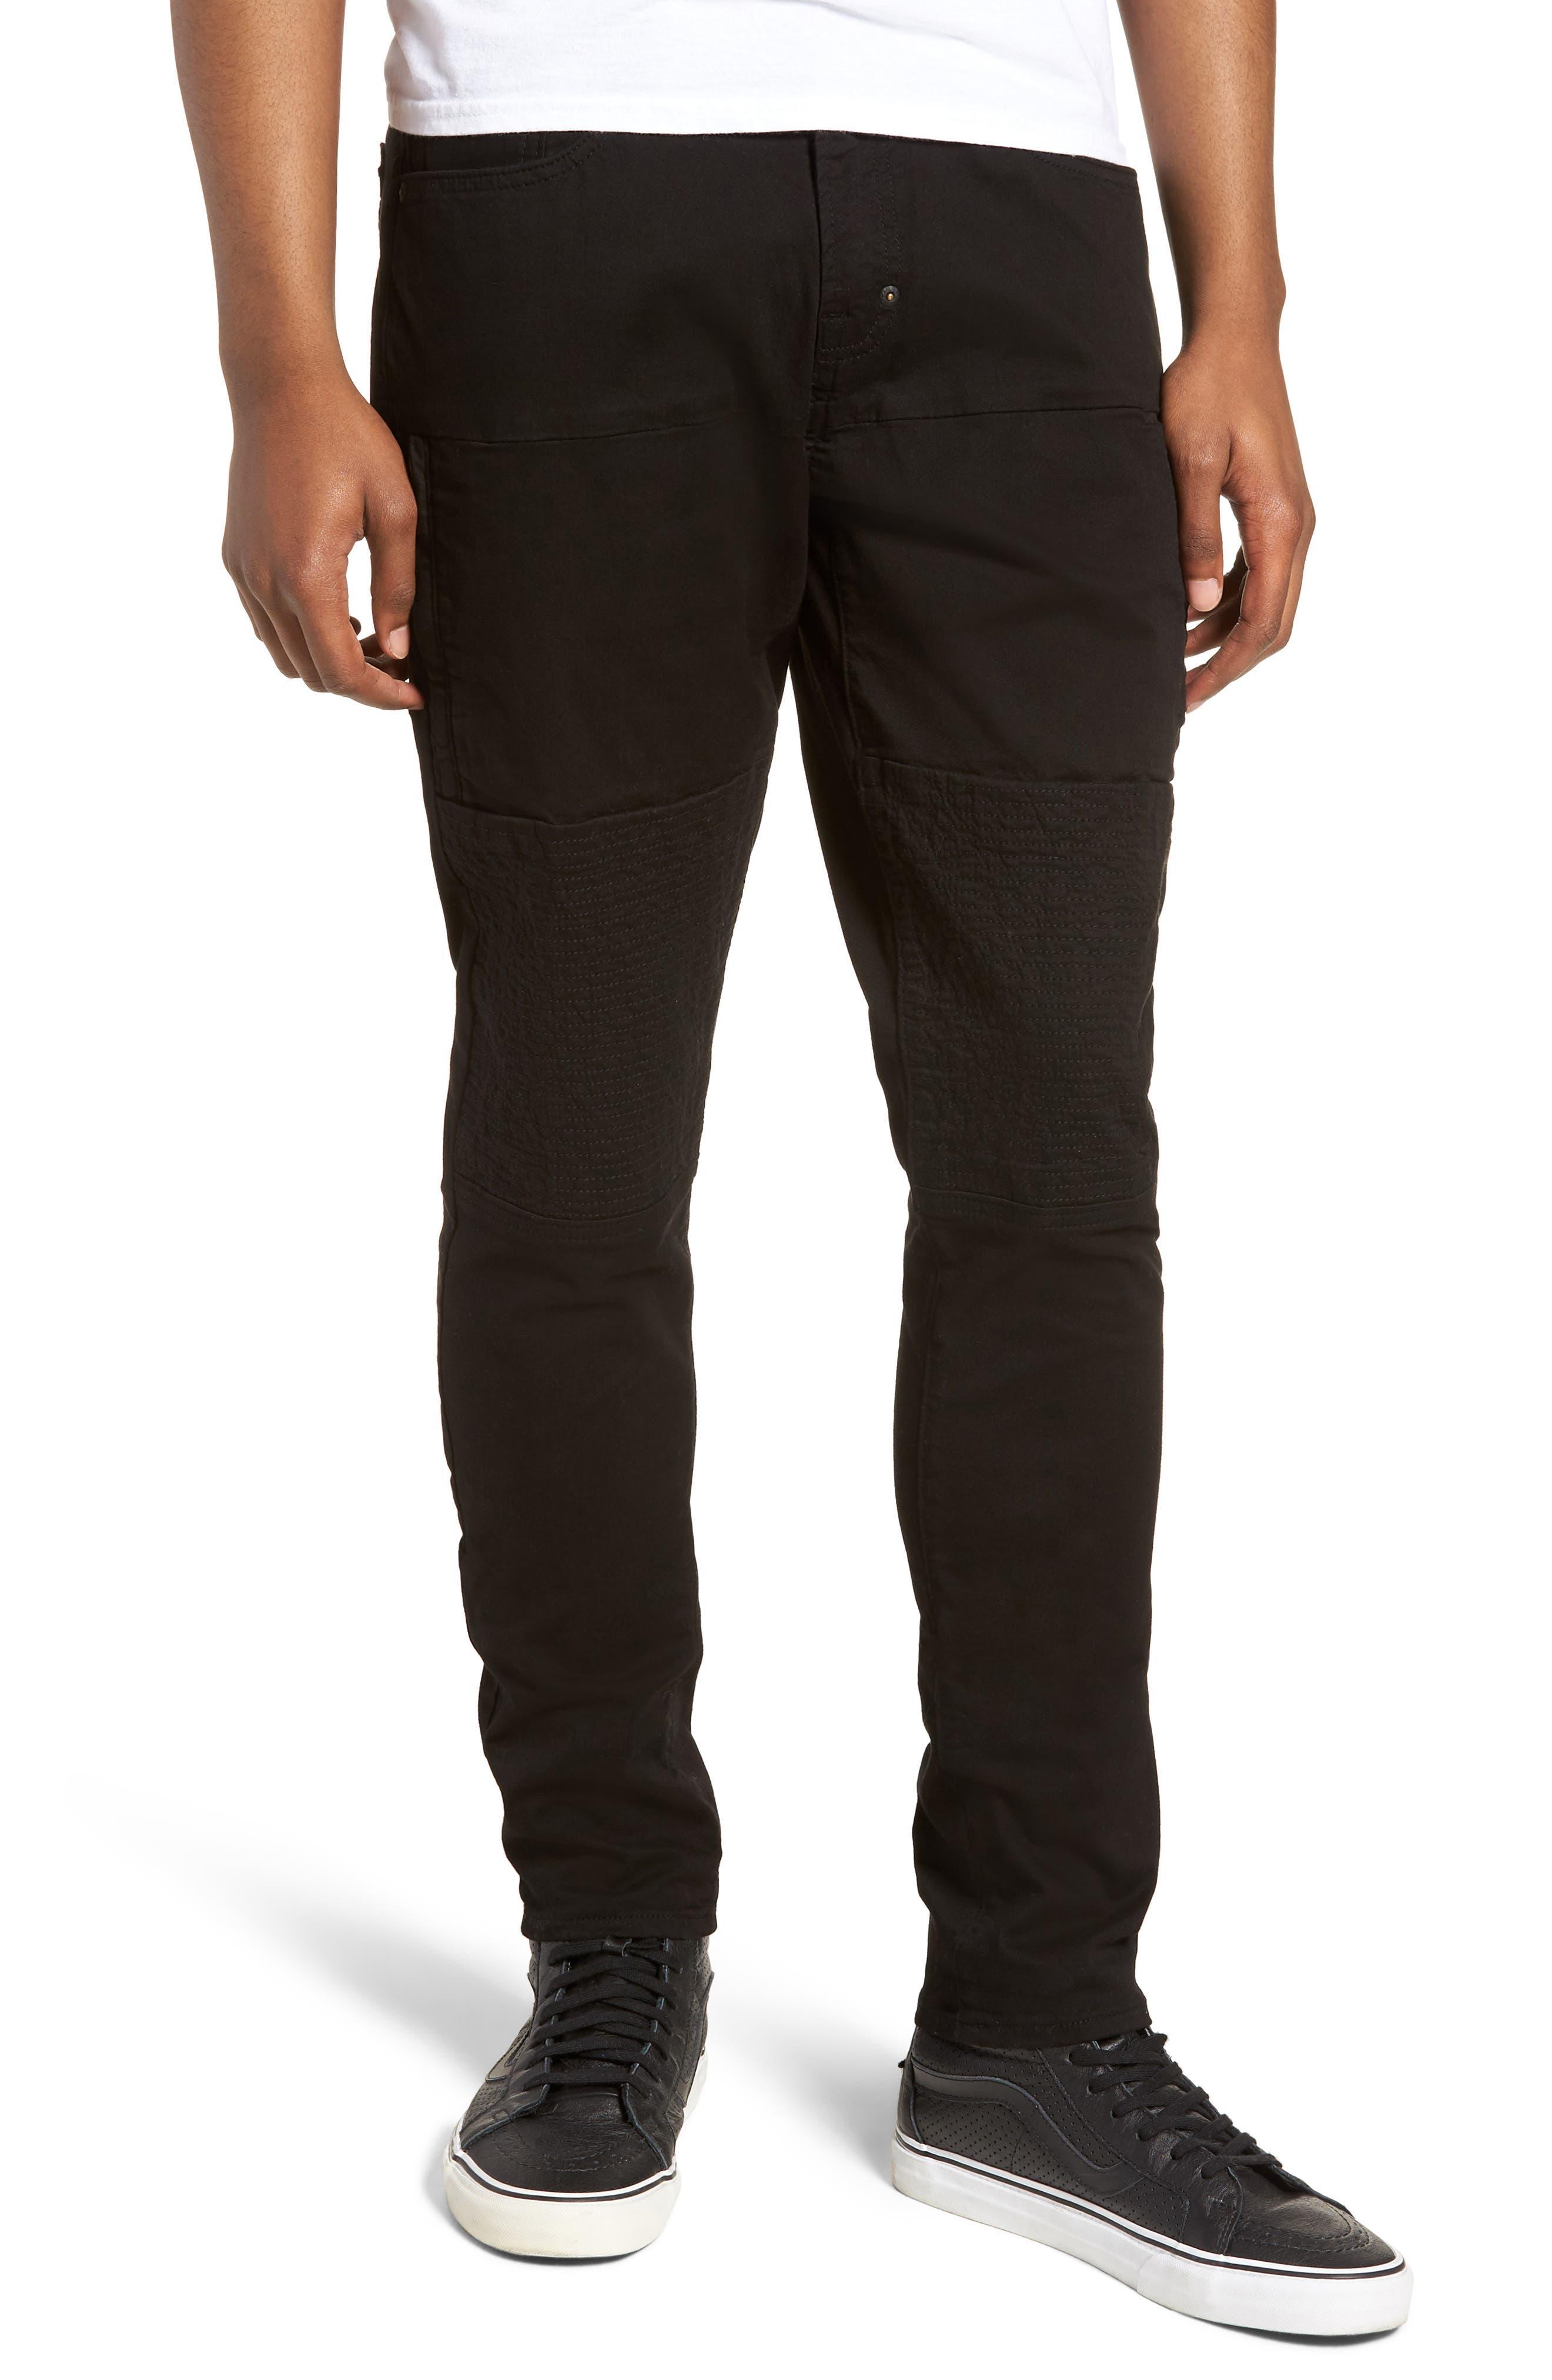 Le Sabre Slim Fit Jeans,                             Main thumbnail 1, color,                             BLACK